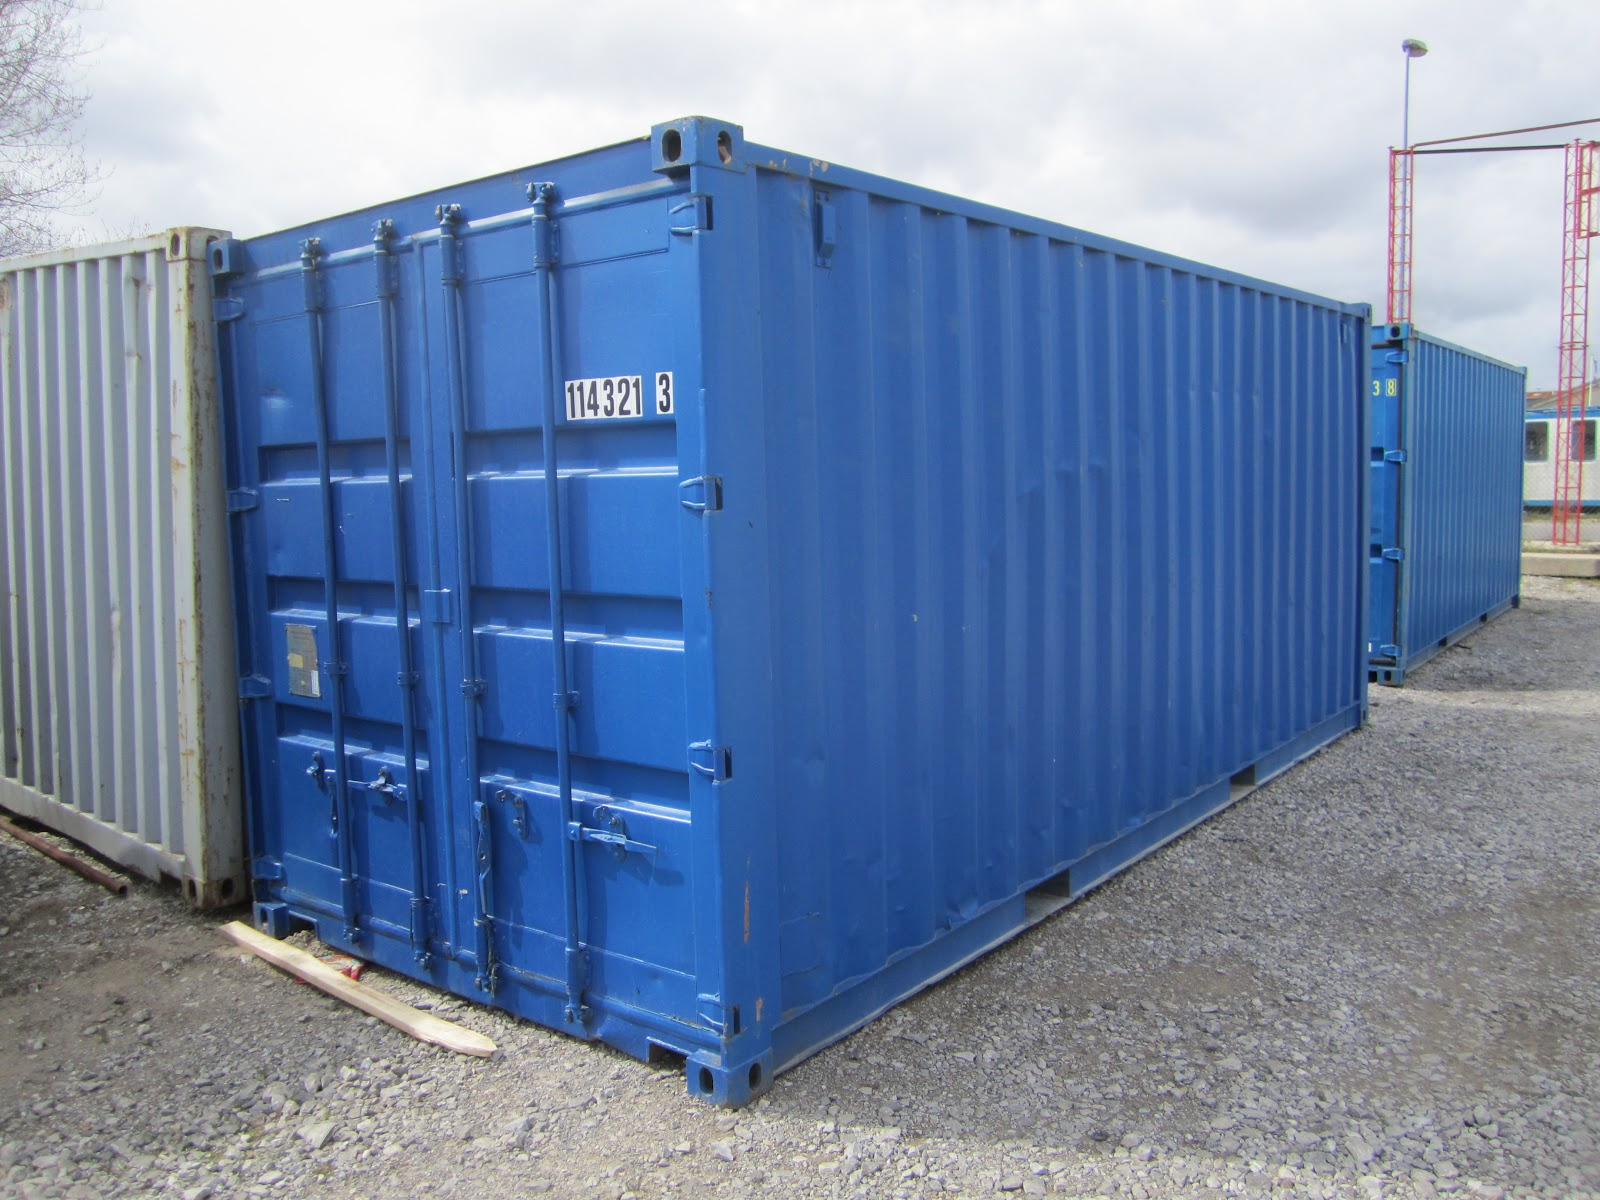 Fosmat mat riels d 39 occasion t l 06 09 24 27 76 for Prix d un container maritime